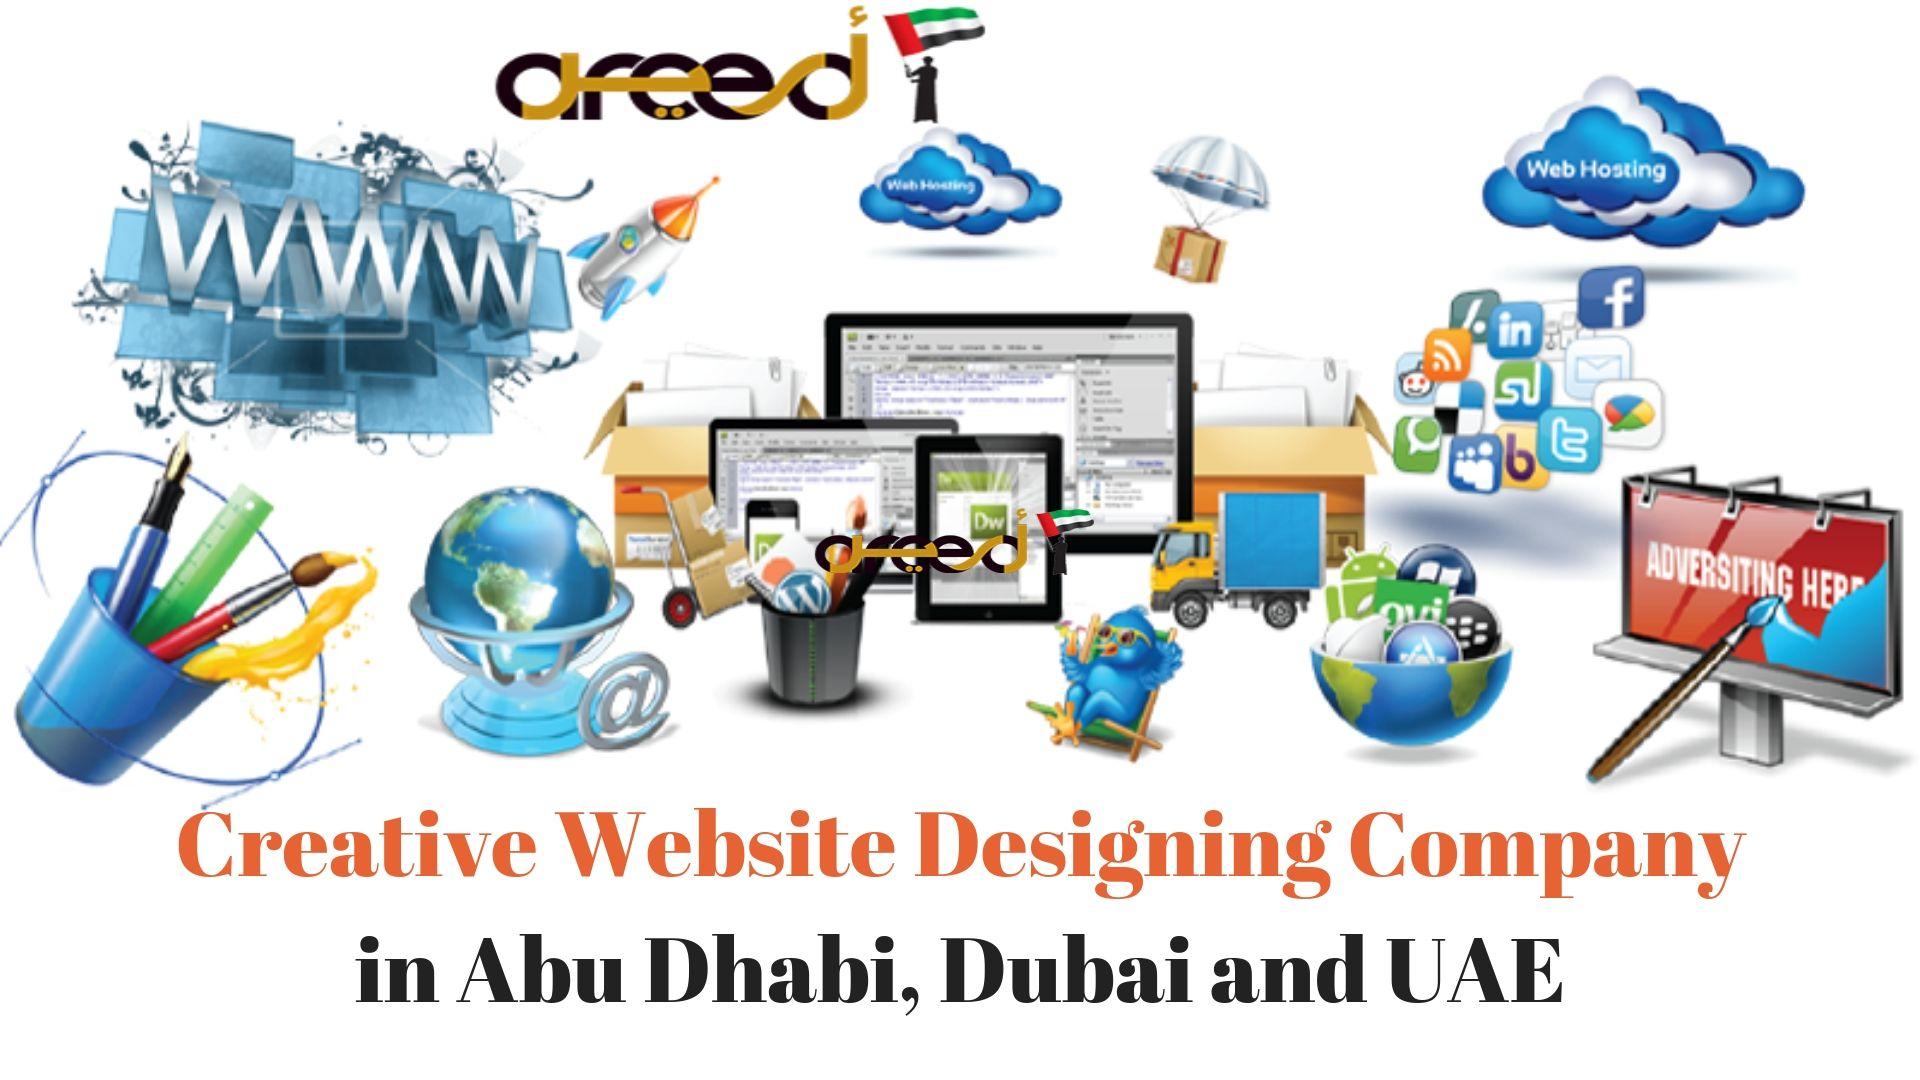 Top Web Design Company in Abu Dhabi, Dubai and UAE - Areed